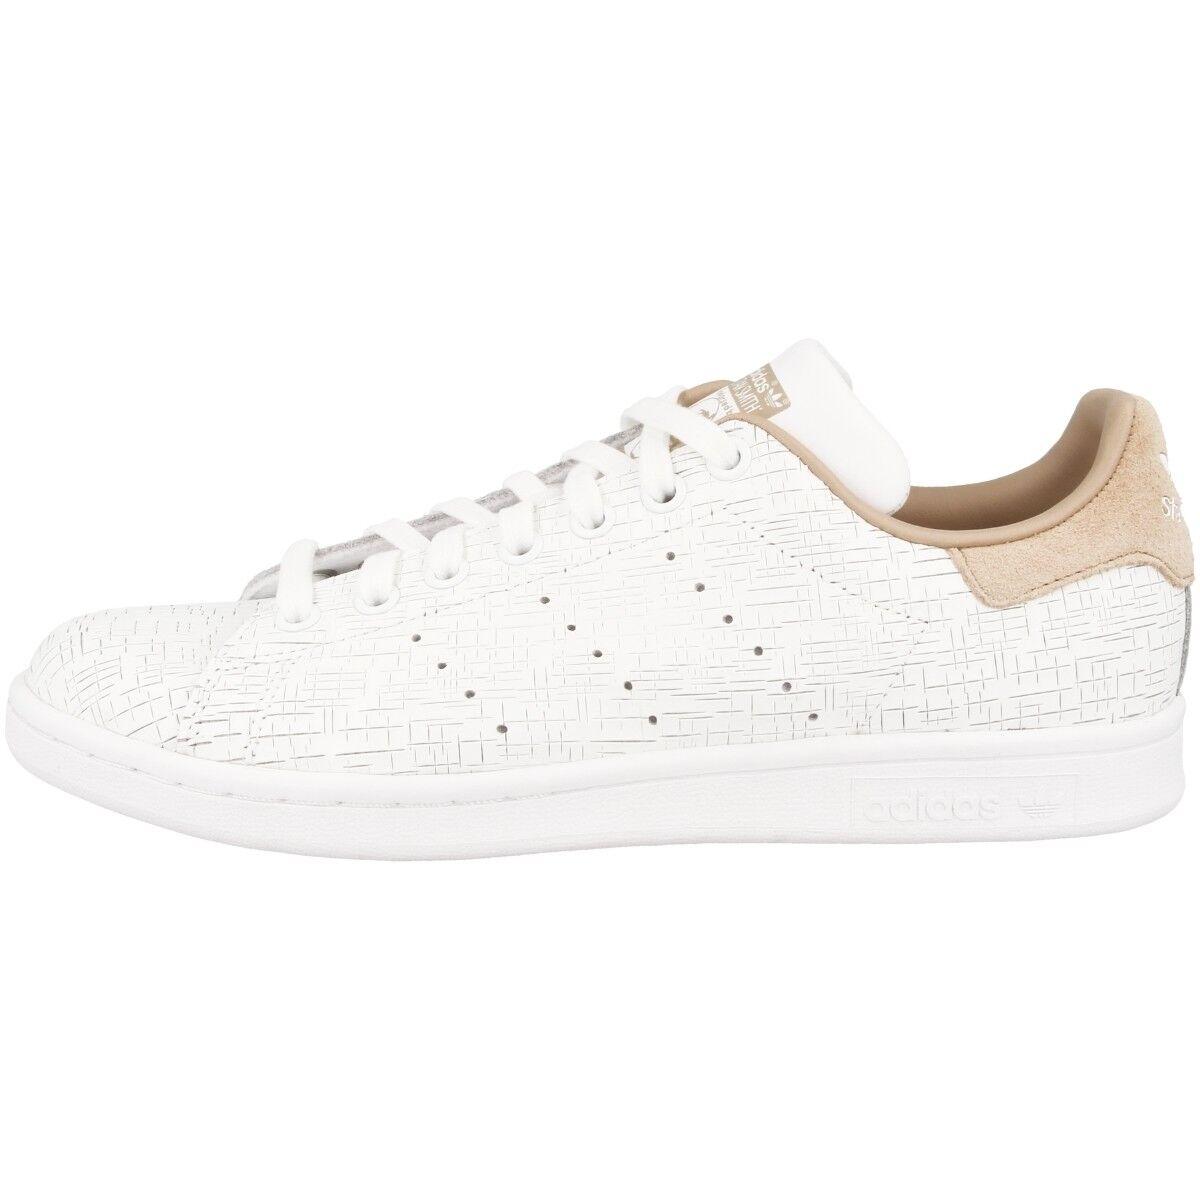 Adidas Stan Smith Mujer cq2818 zapatos retro clásicos cq2818 Mujer cortos señora d80c8e